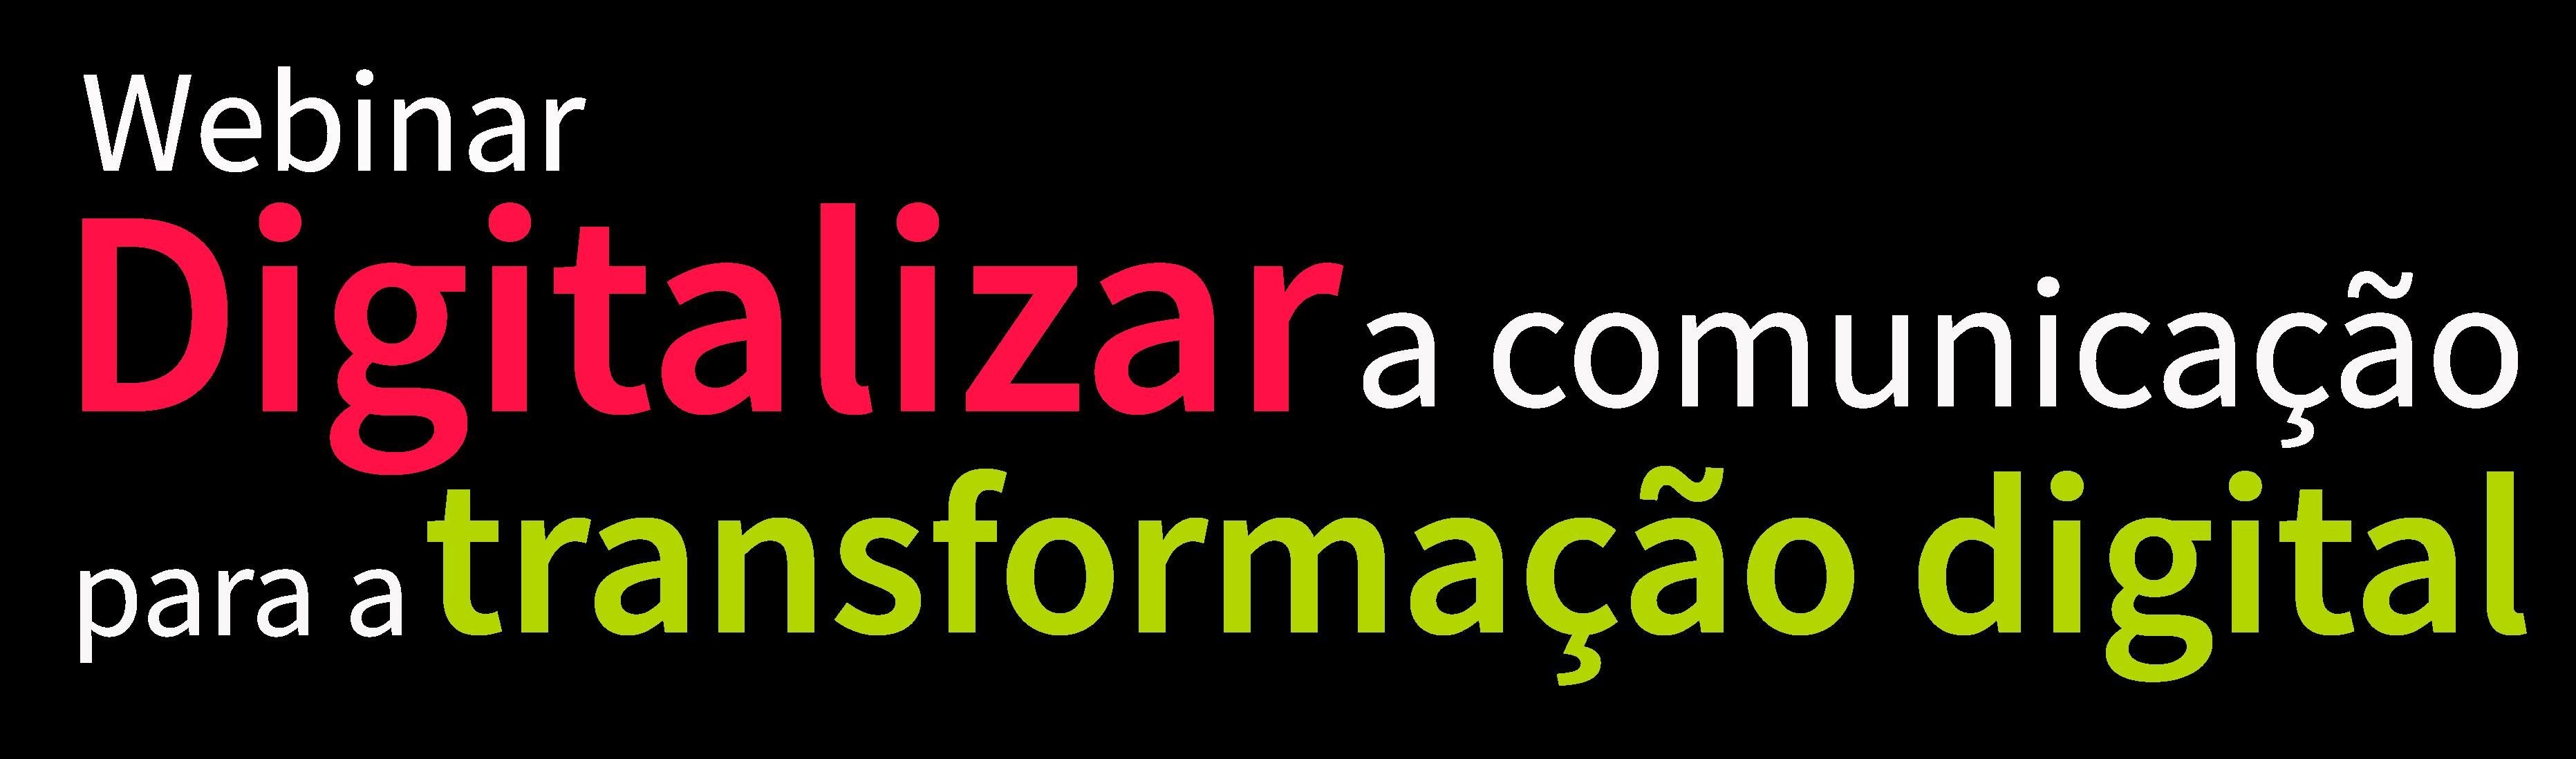 webinar-digitalizar-a-comunicacao